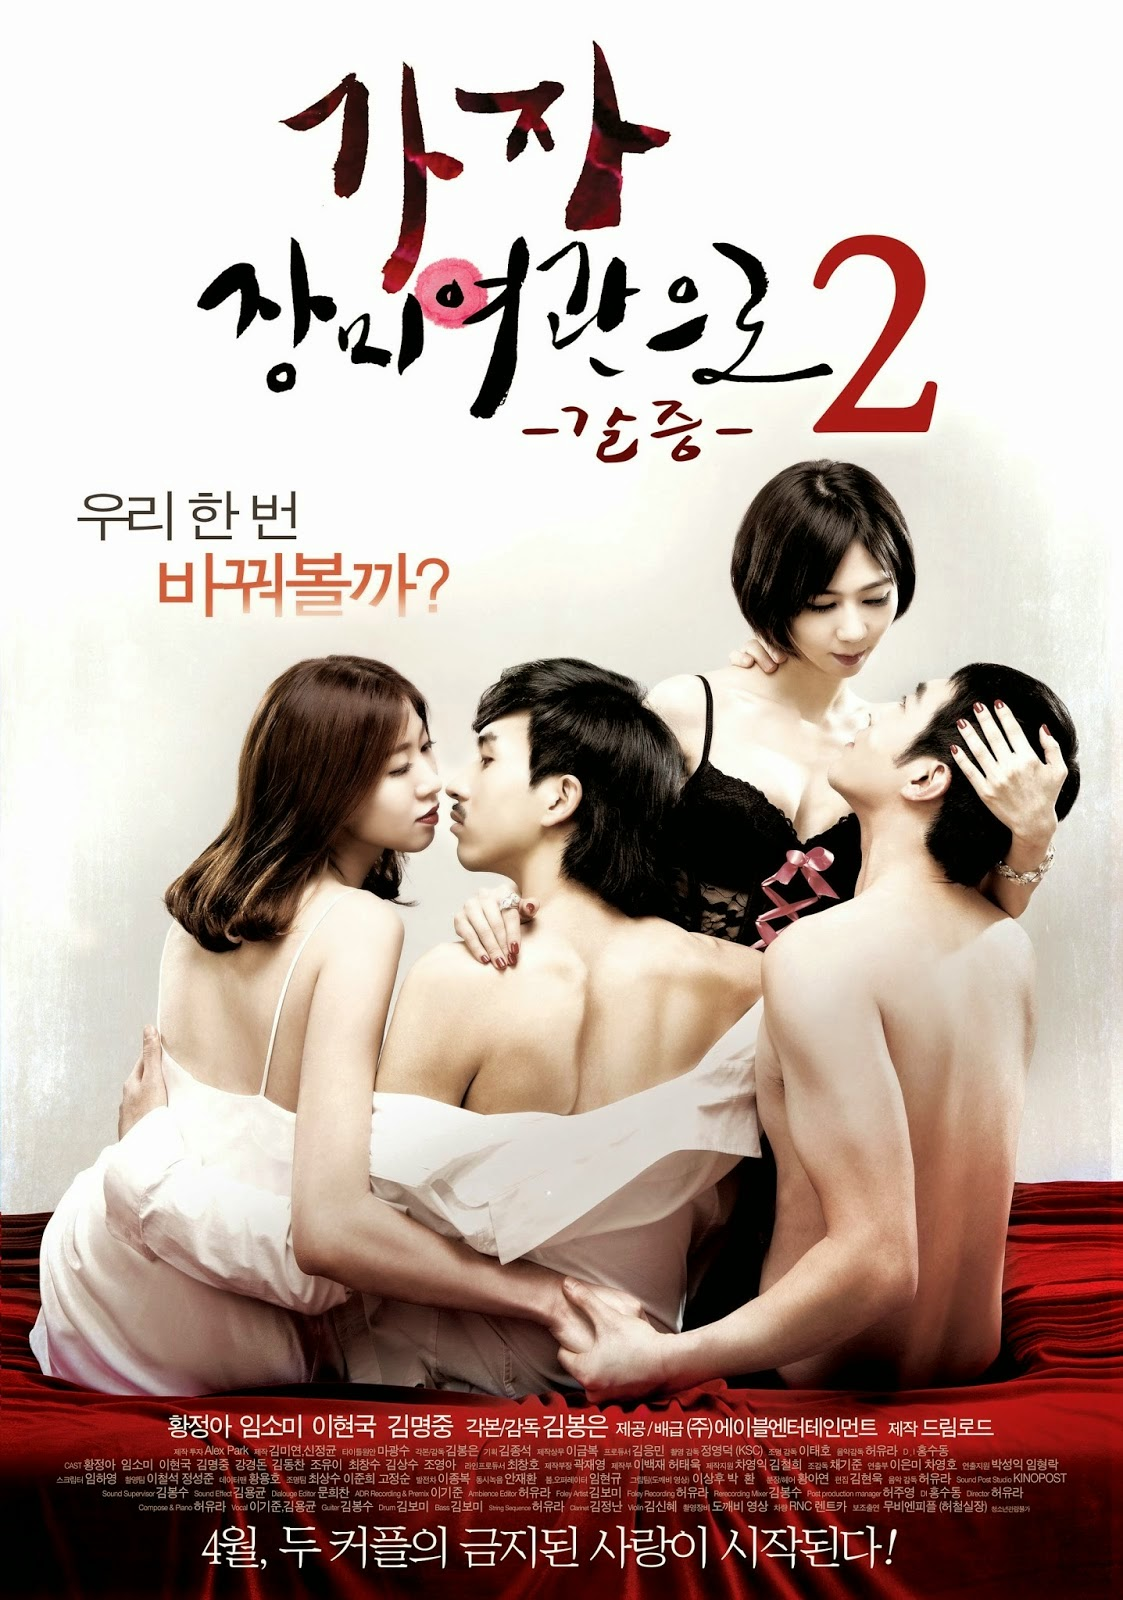 Корея фильм эротика когда